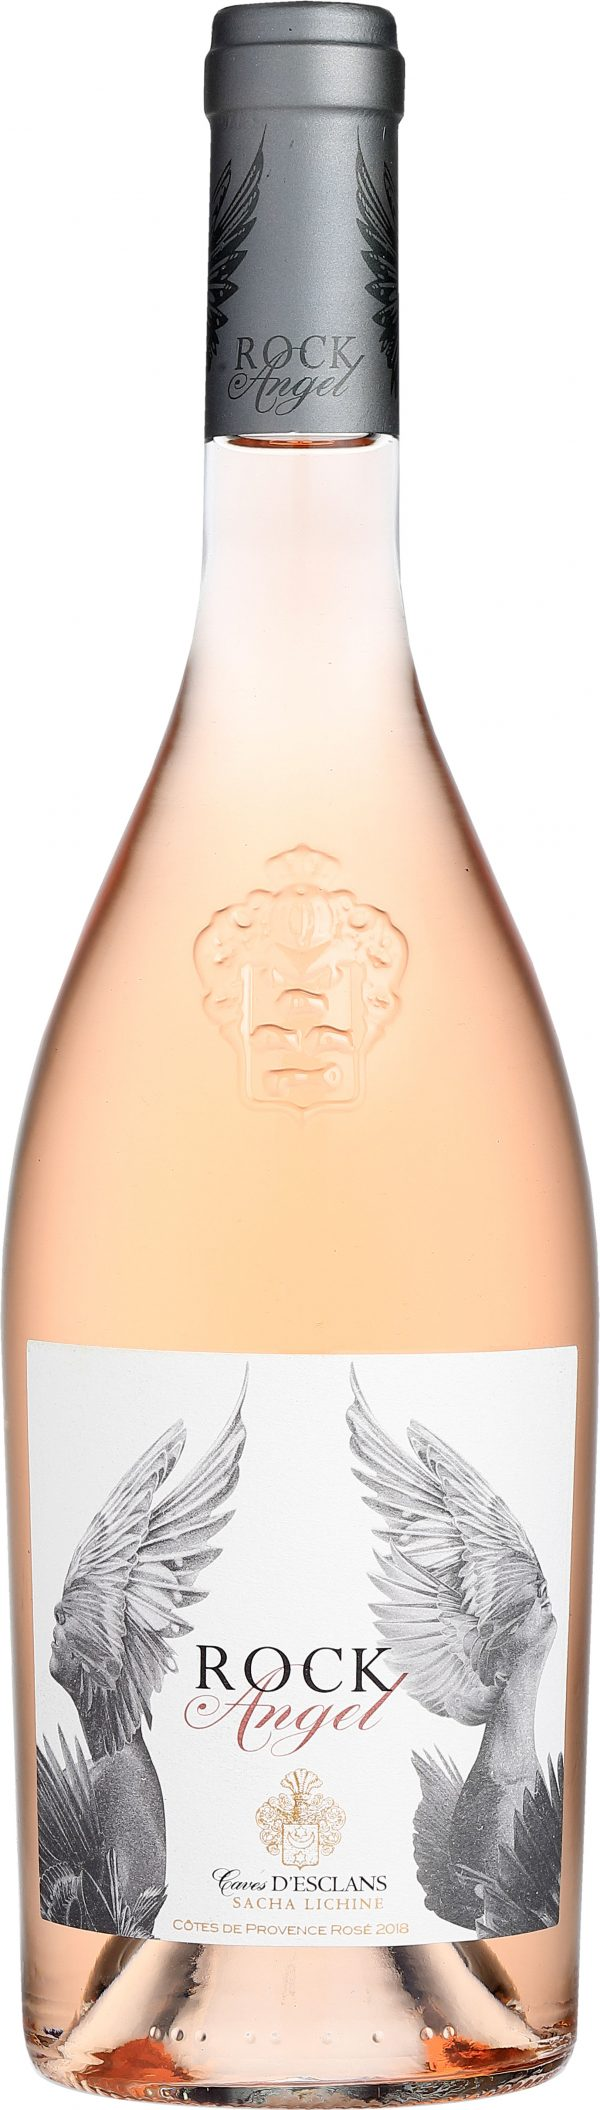 Chateau d'Esclans - Rock Angel 2018 75cl Bottle